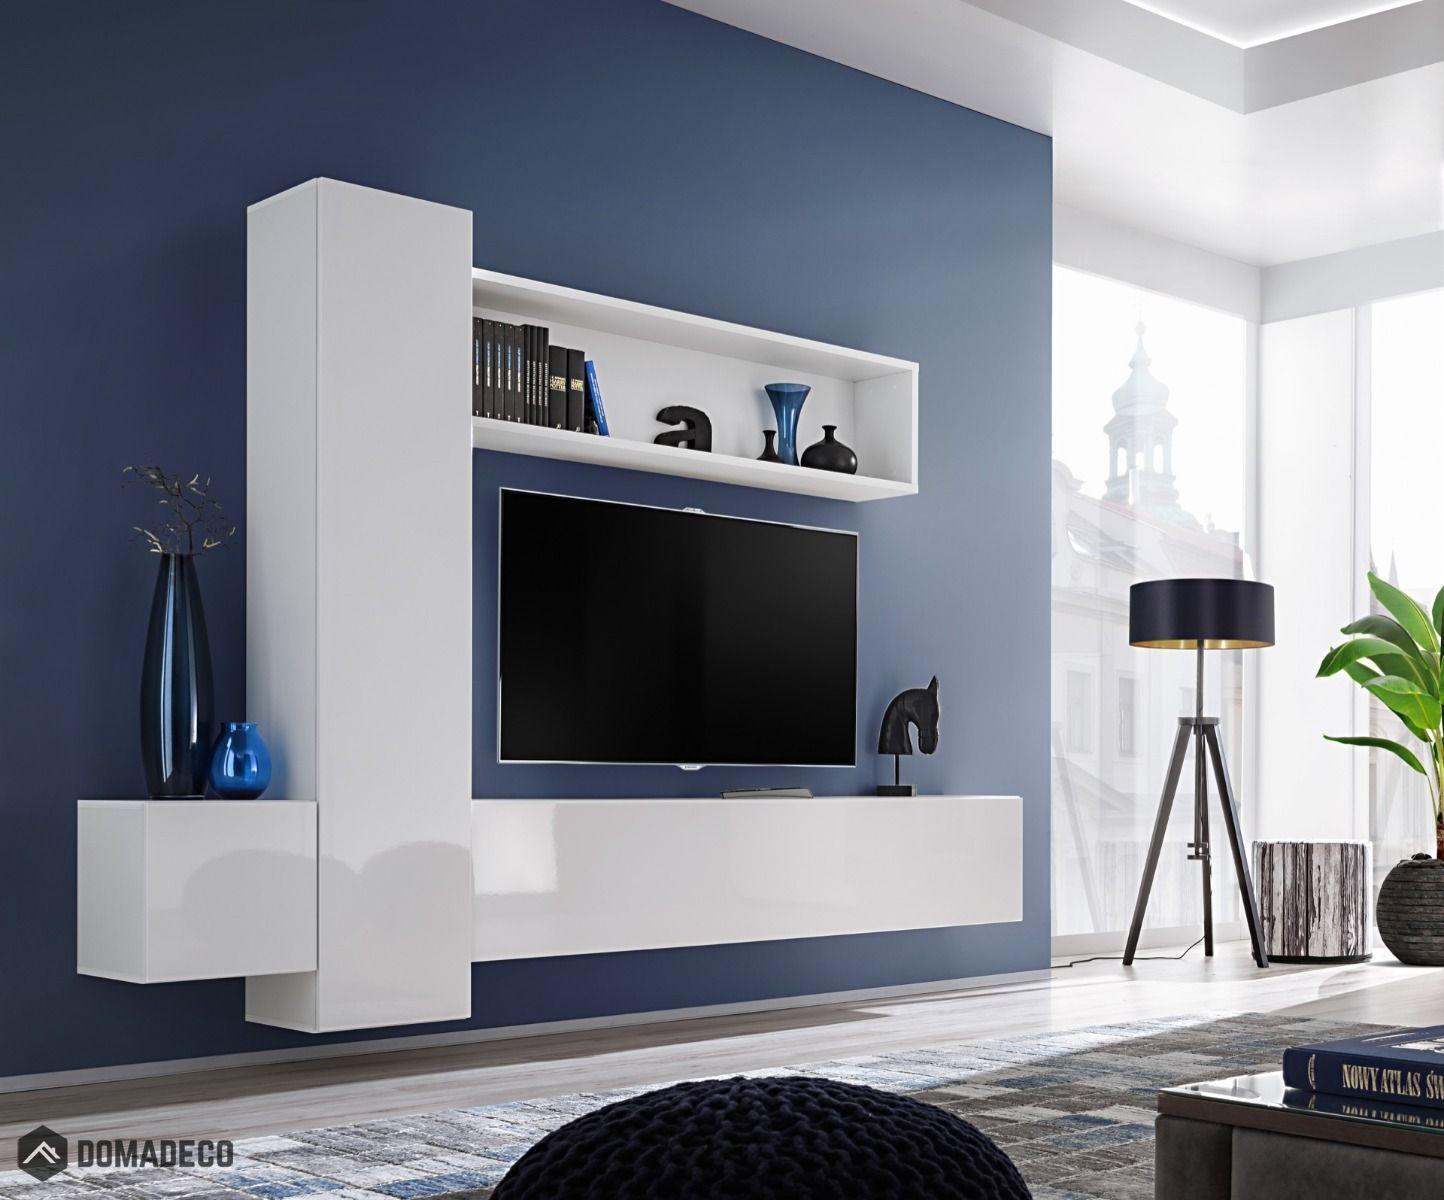 Boise Ix Meuble Tv In 2019 Living Room Design Living